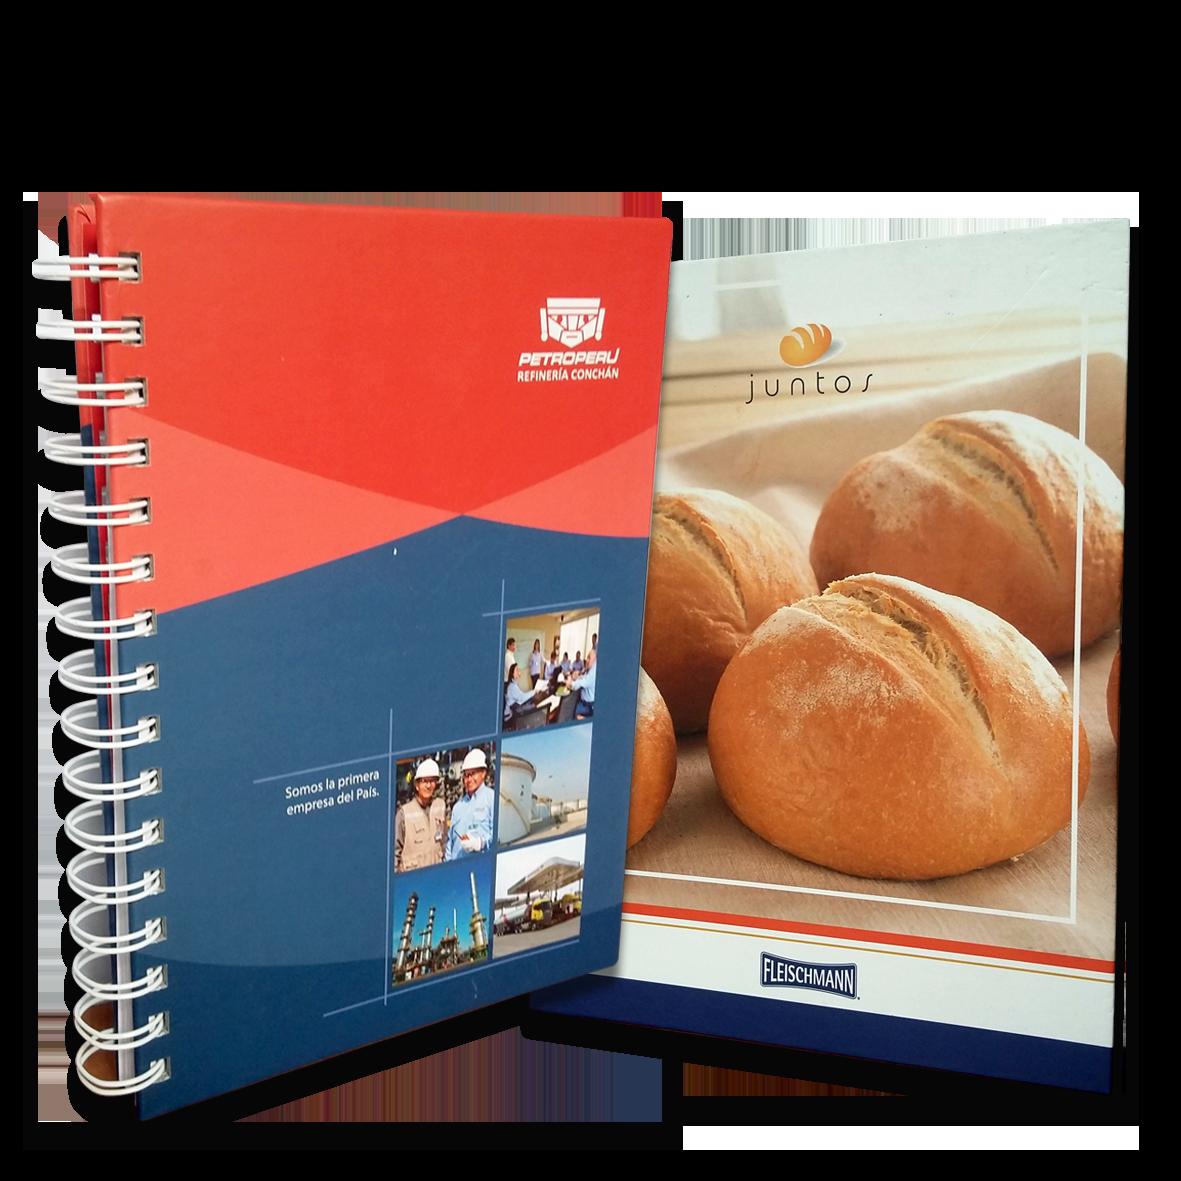 merchandising-articulos publicitarios - cuadernos- omnimedia publicidad